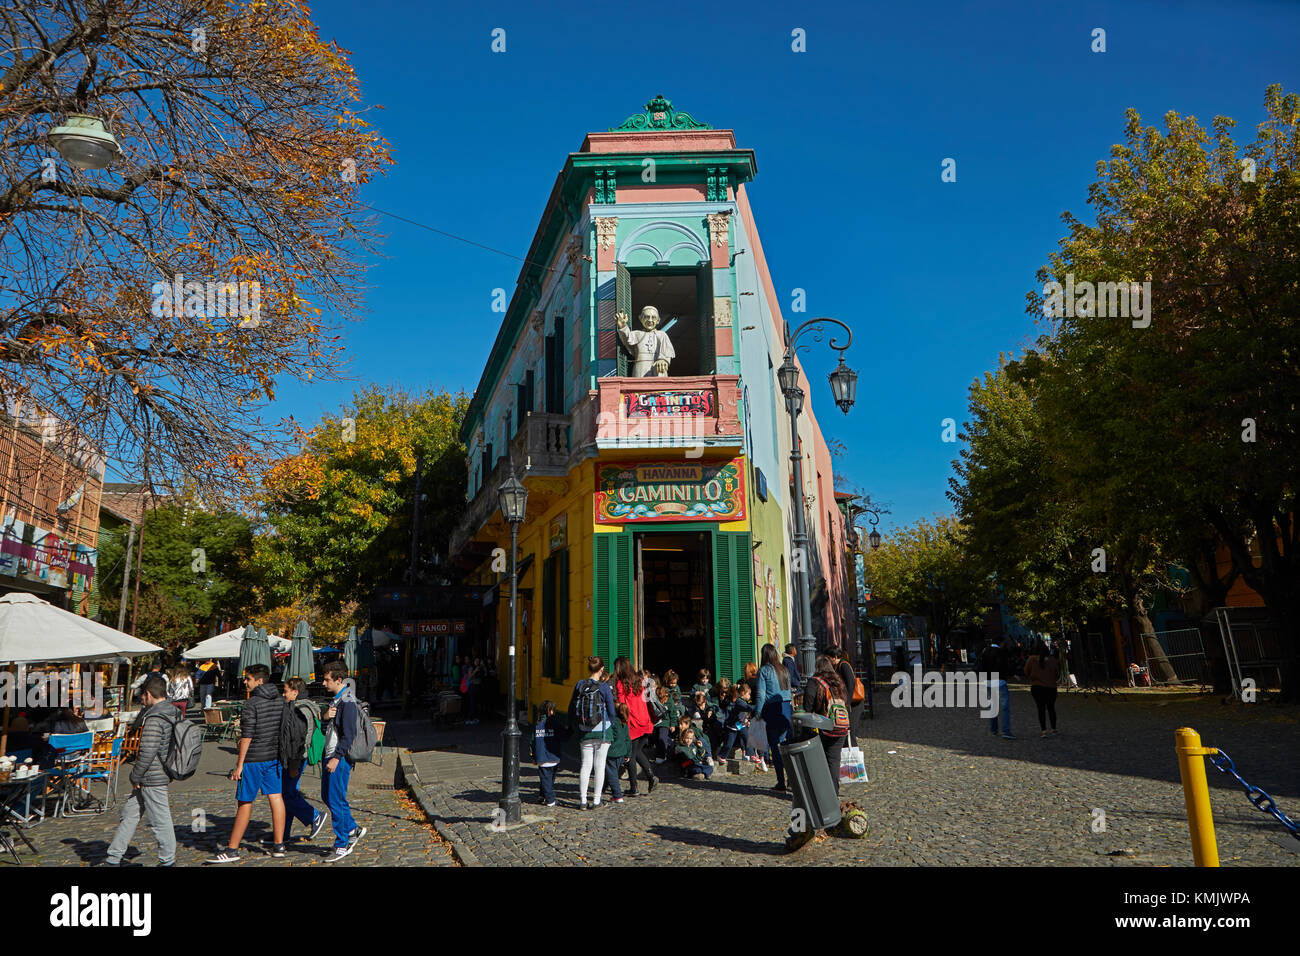 'Papst' auf dem Balkon von el Caminito, La Boca, Buenos Aires, Argentinien, Südamerika Stockbild